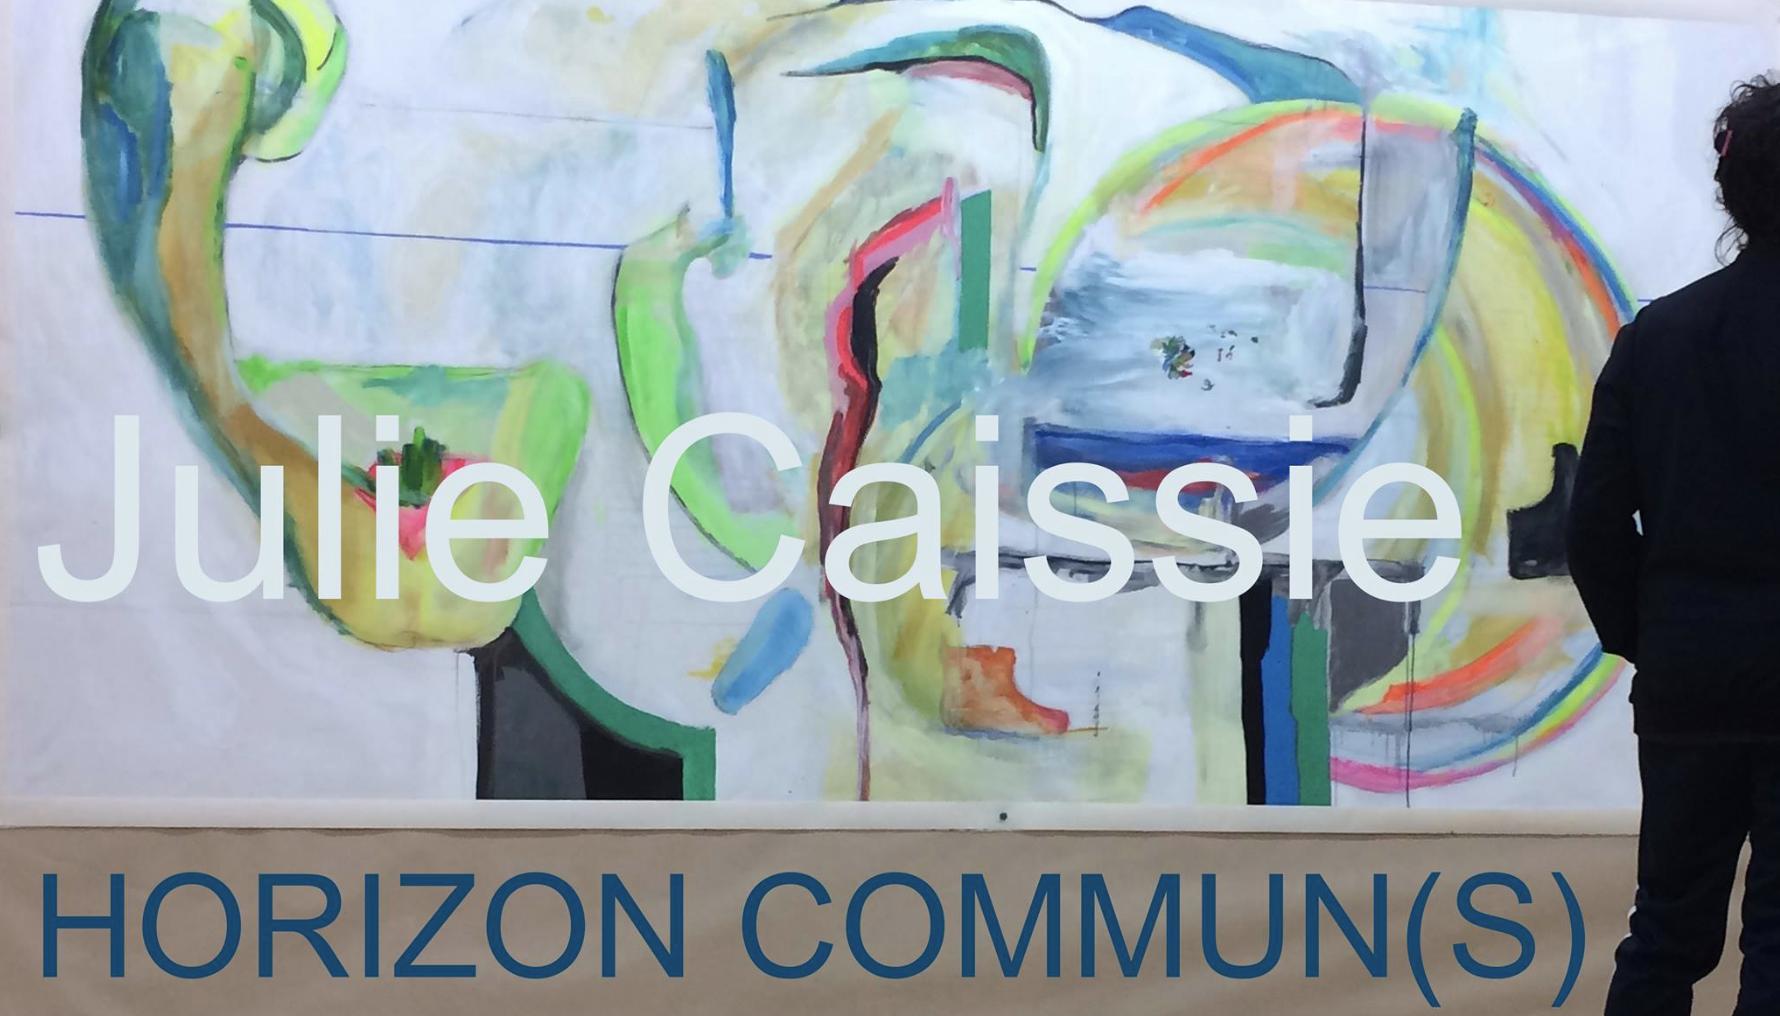 L'artiste acadienne Julie Caissie revient avec une nouvelle exposition!